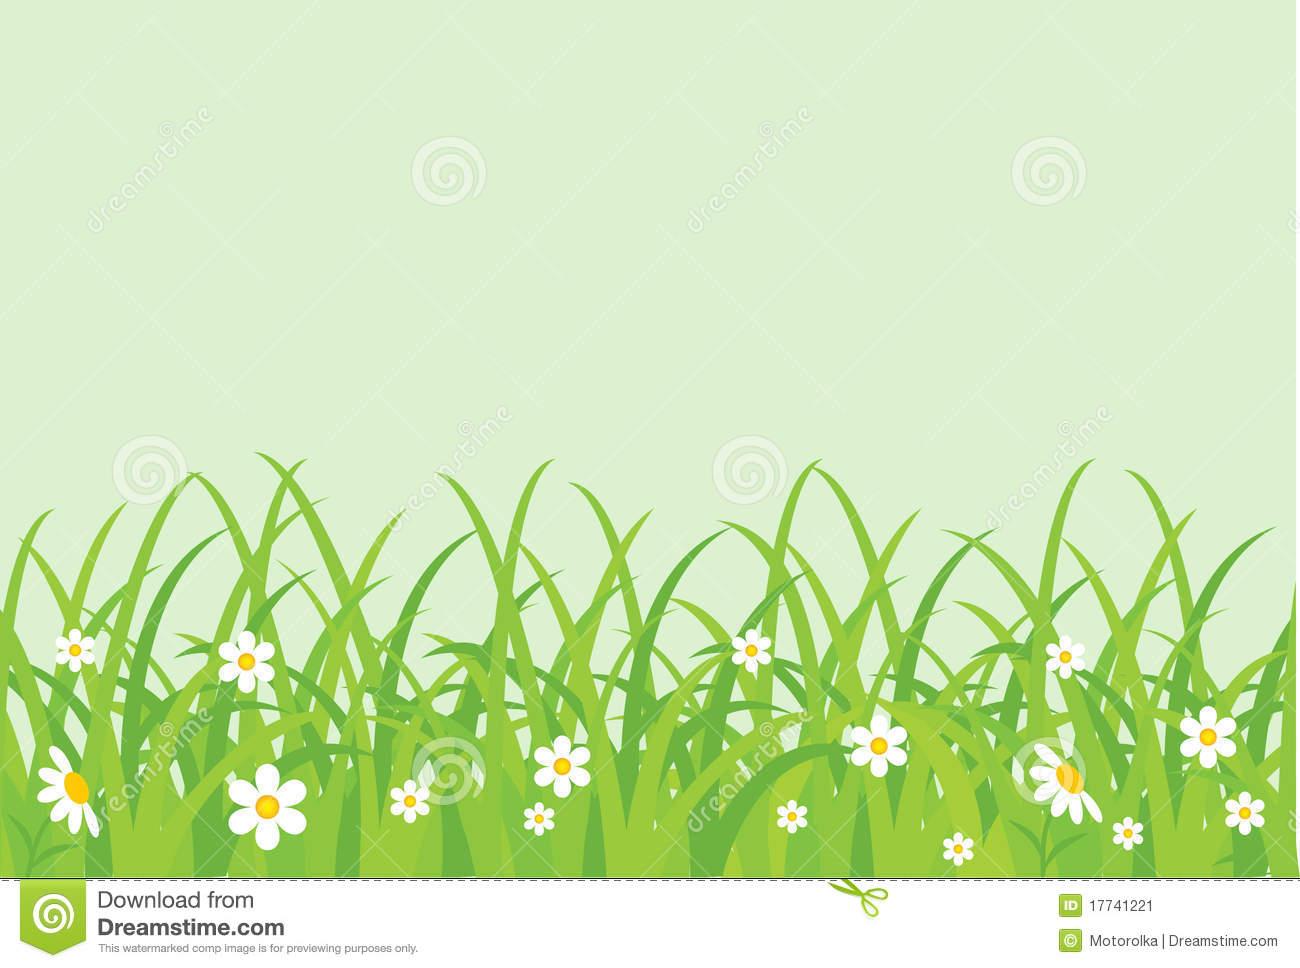 Feilds clipart grass field Fields clipart grass of clipart